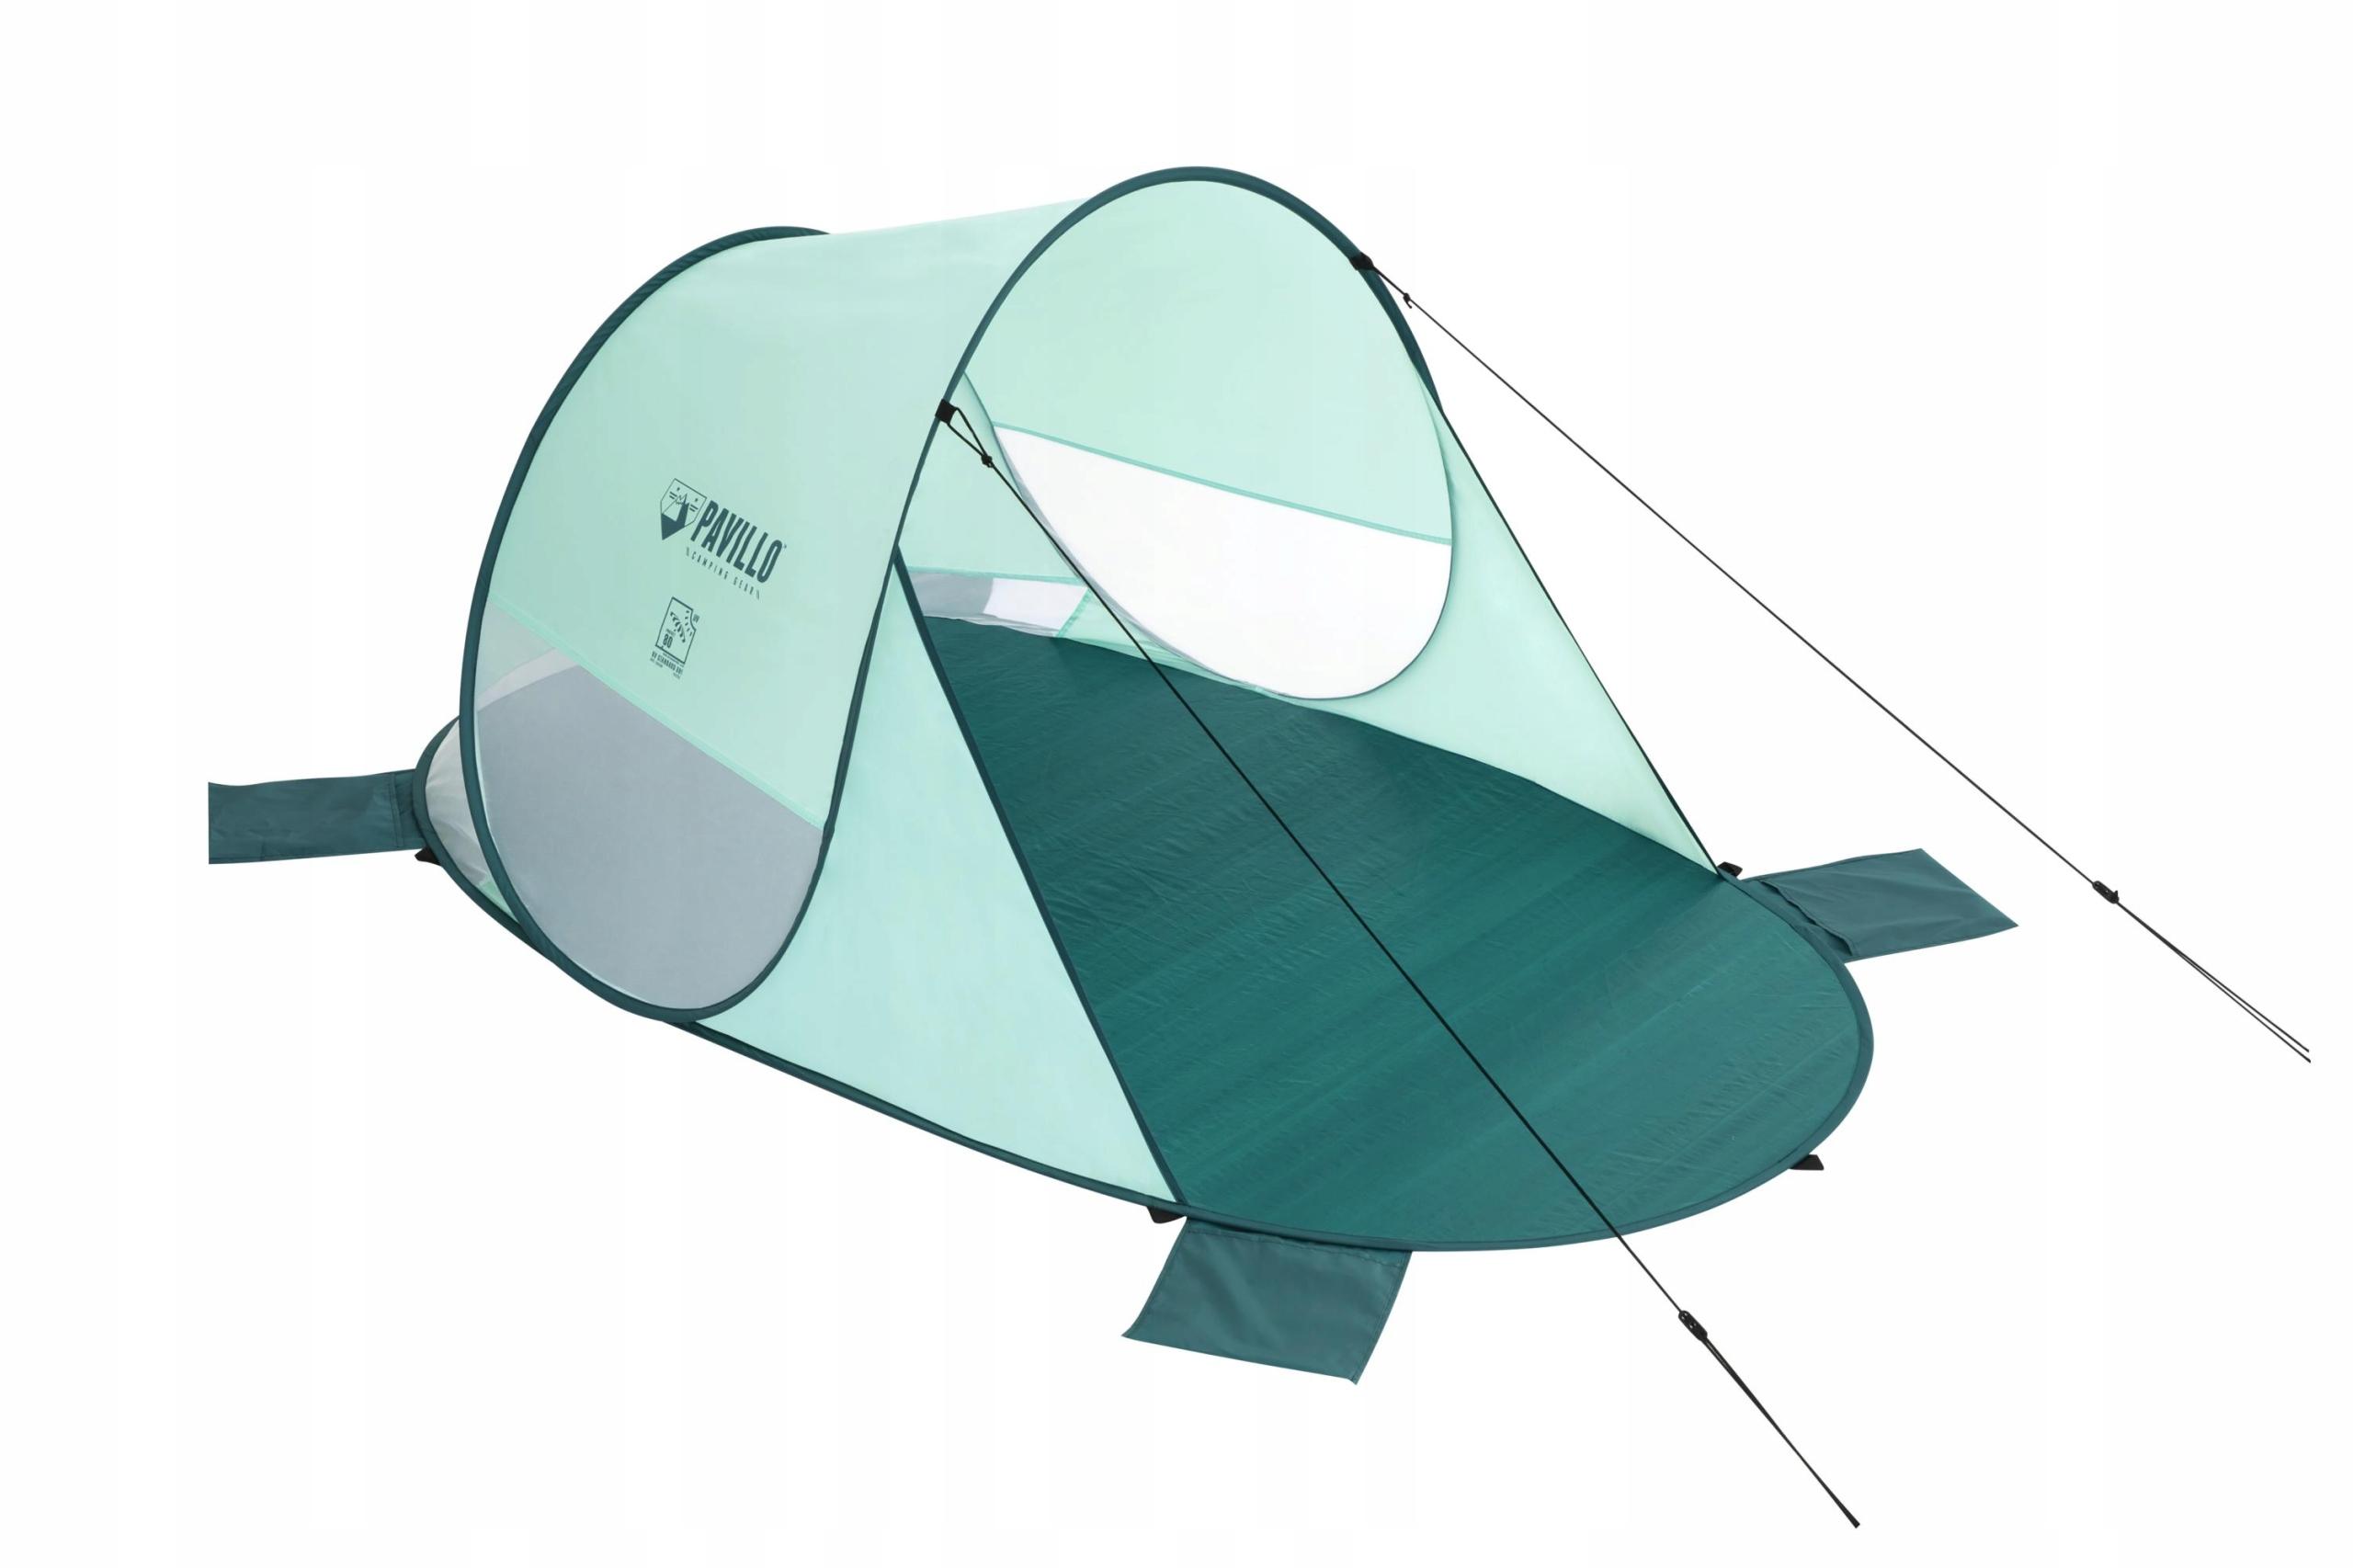 NAMIOT PLAŻOWY BESTWAY 68107, 2-osobowy, 2m x 1,2m Materiał stelaża/kijów włókno szklane